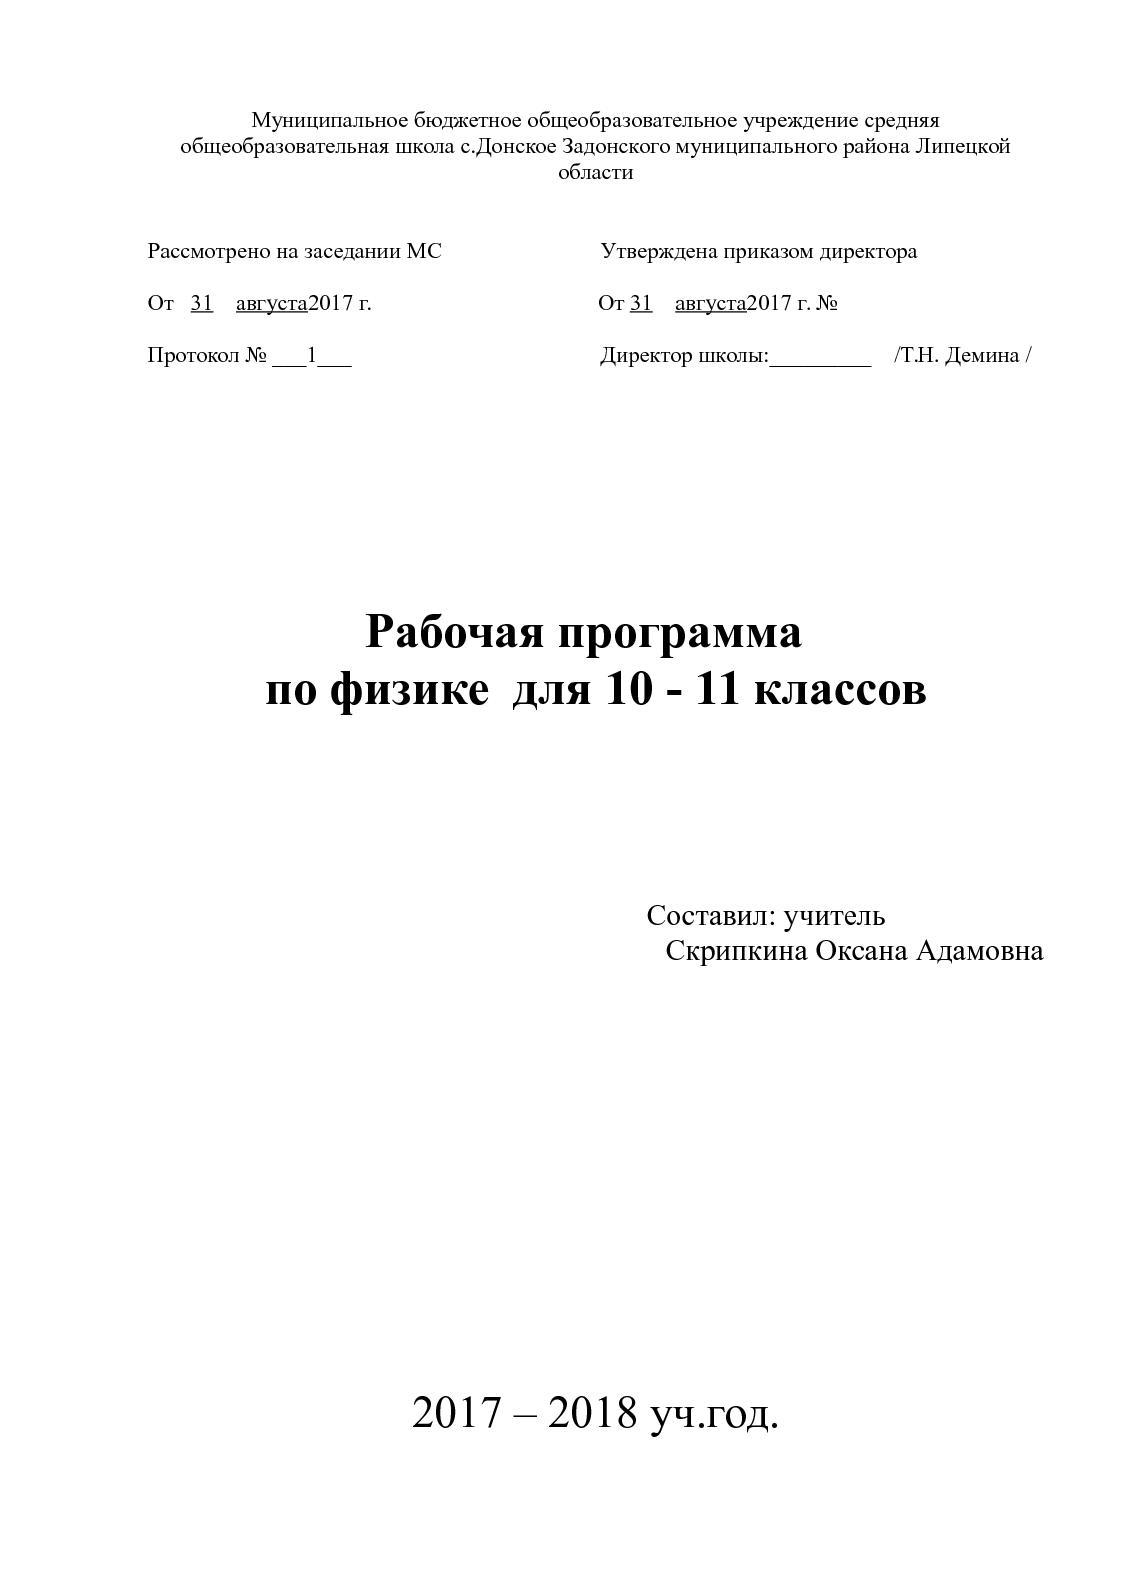 Программы общеобразовательных учреждений физика 10-11 классы саенко п.г и др скачать